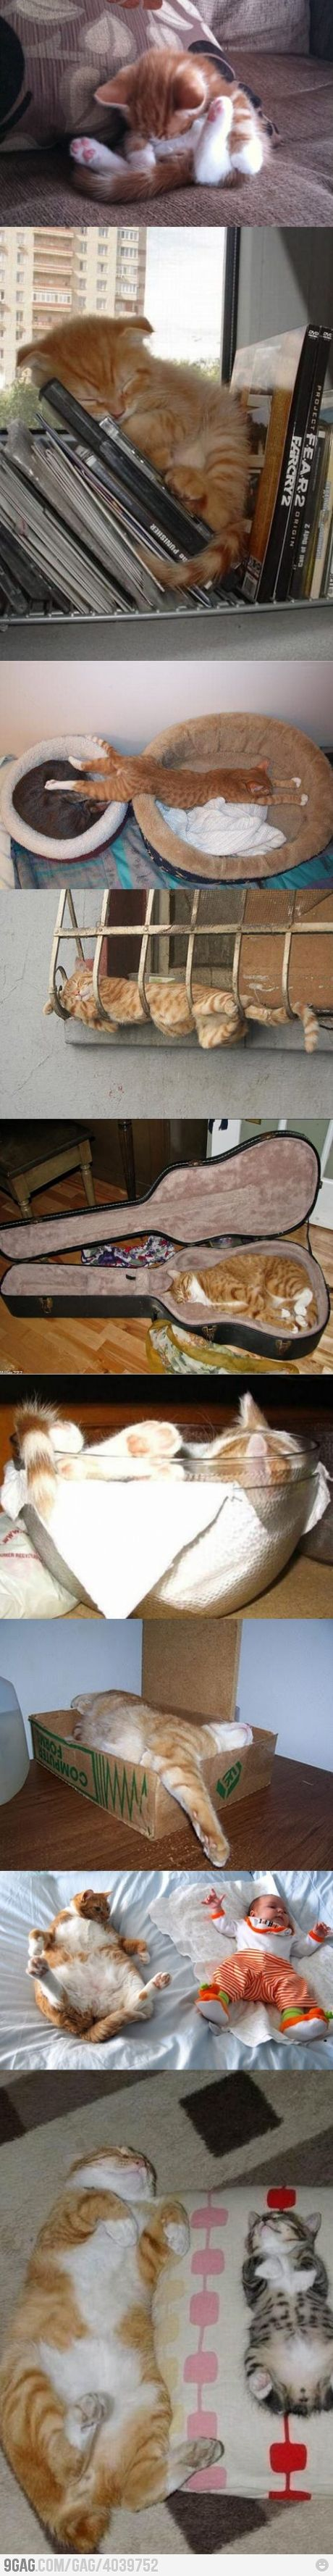 orange kitten.